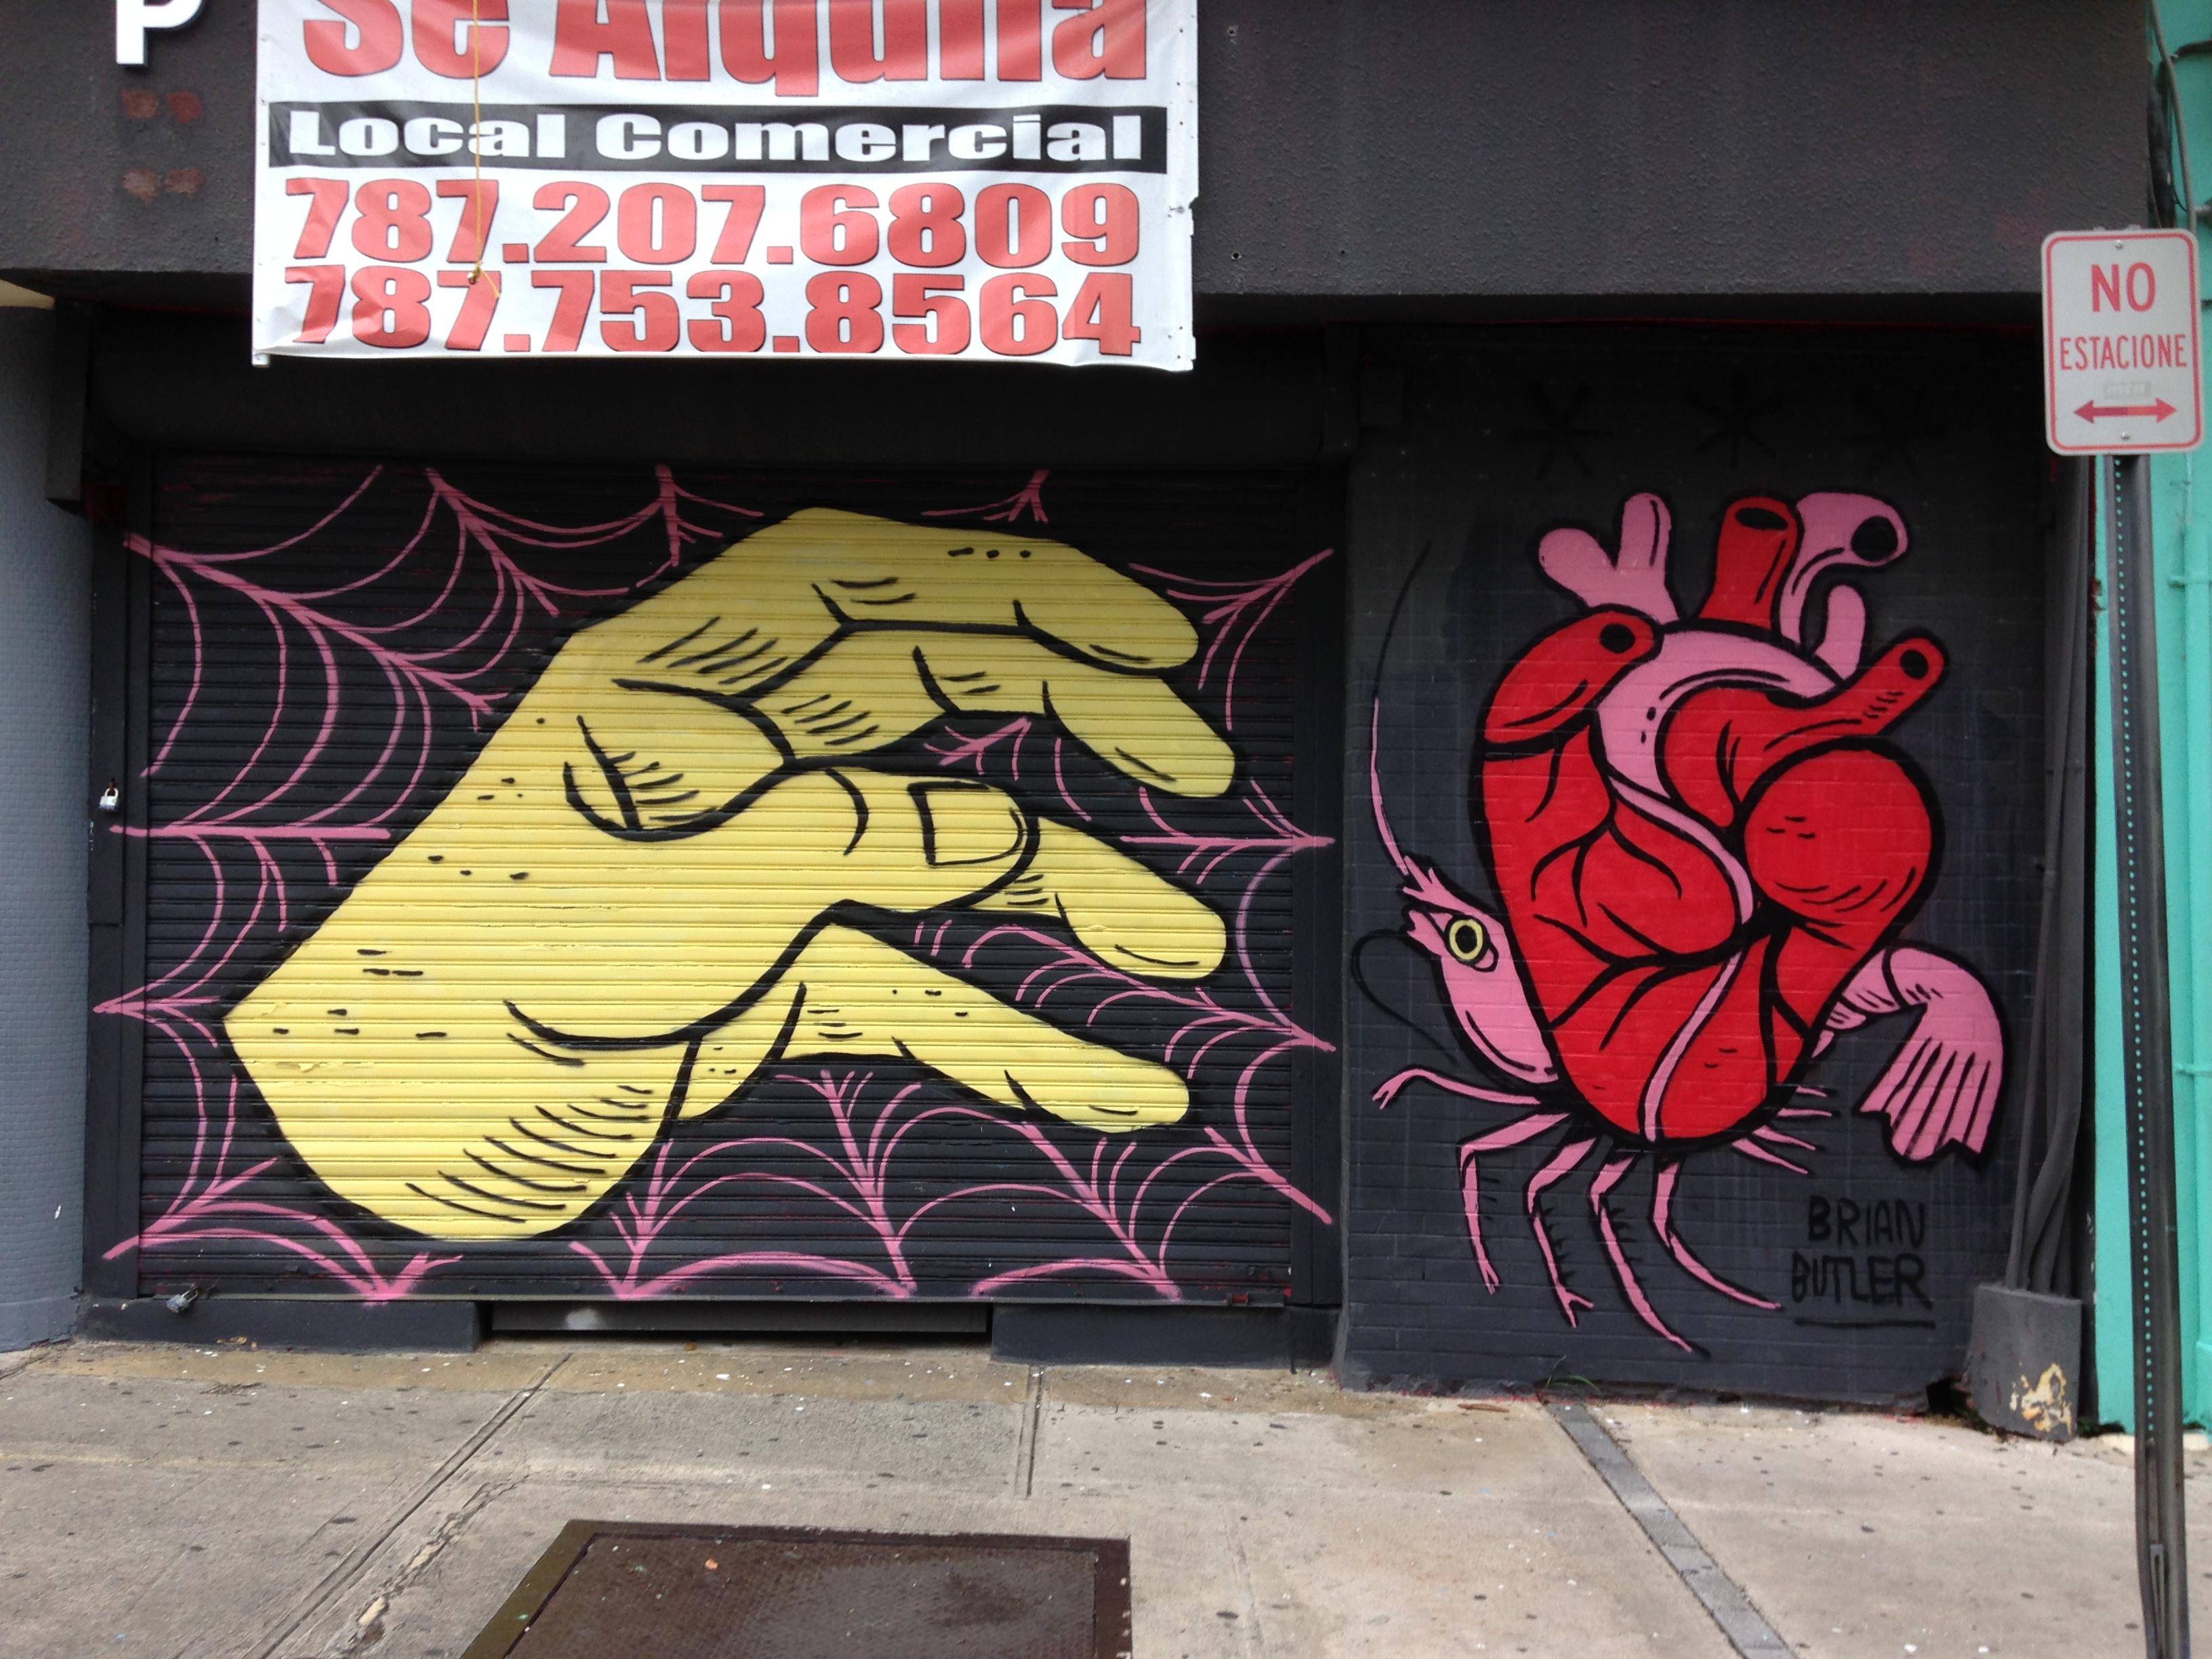 brian butler bb puerto rico mural